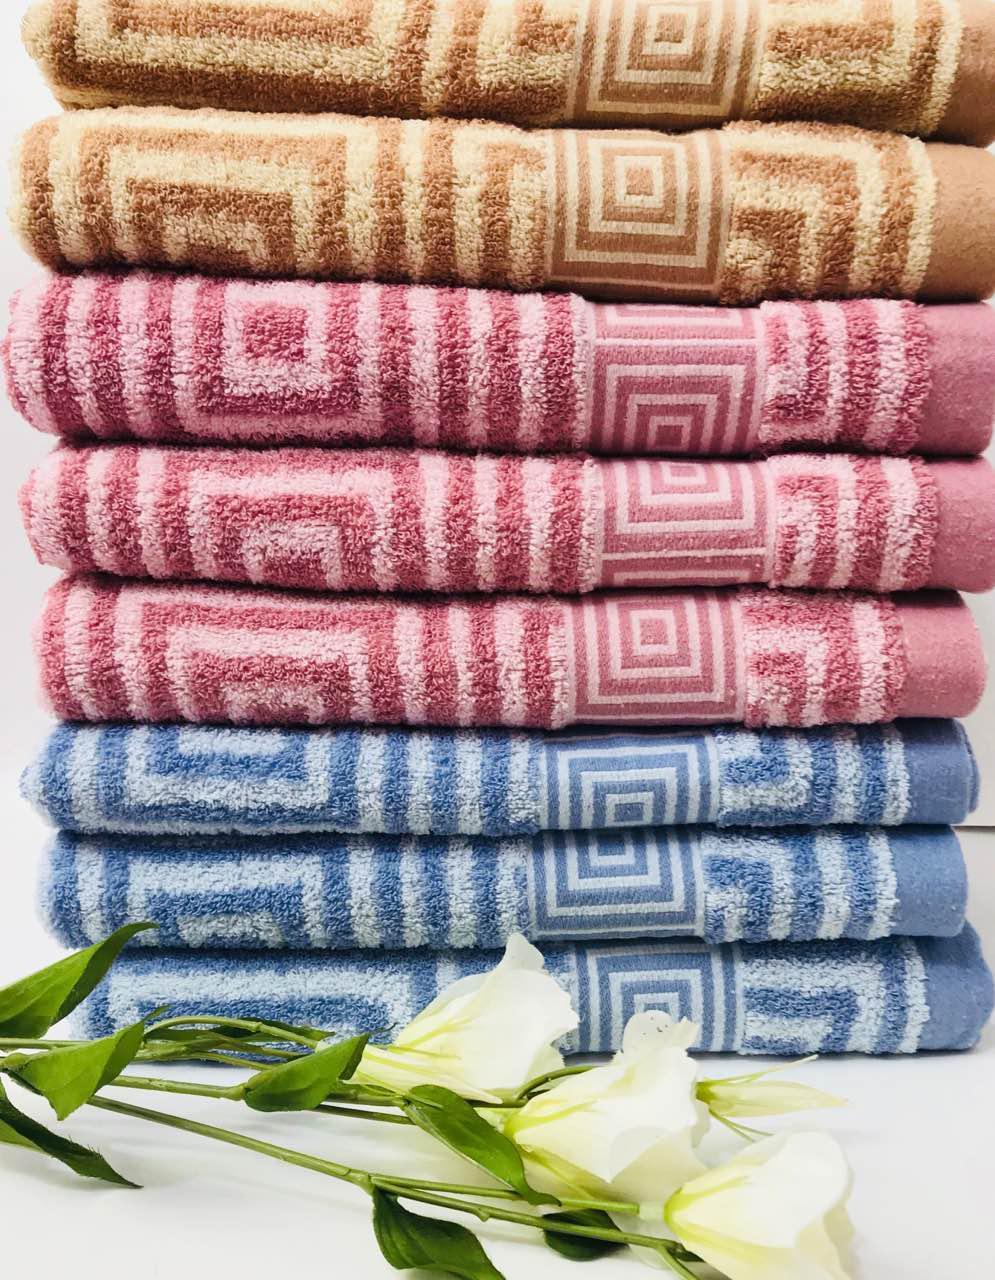 Махровое полотенце  Баня 140 на 70 см Хлопок Плотное